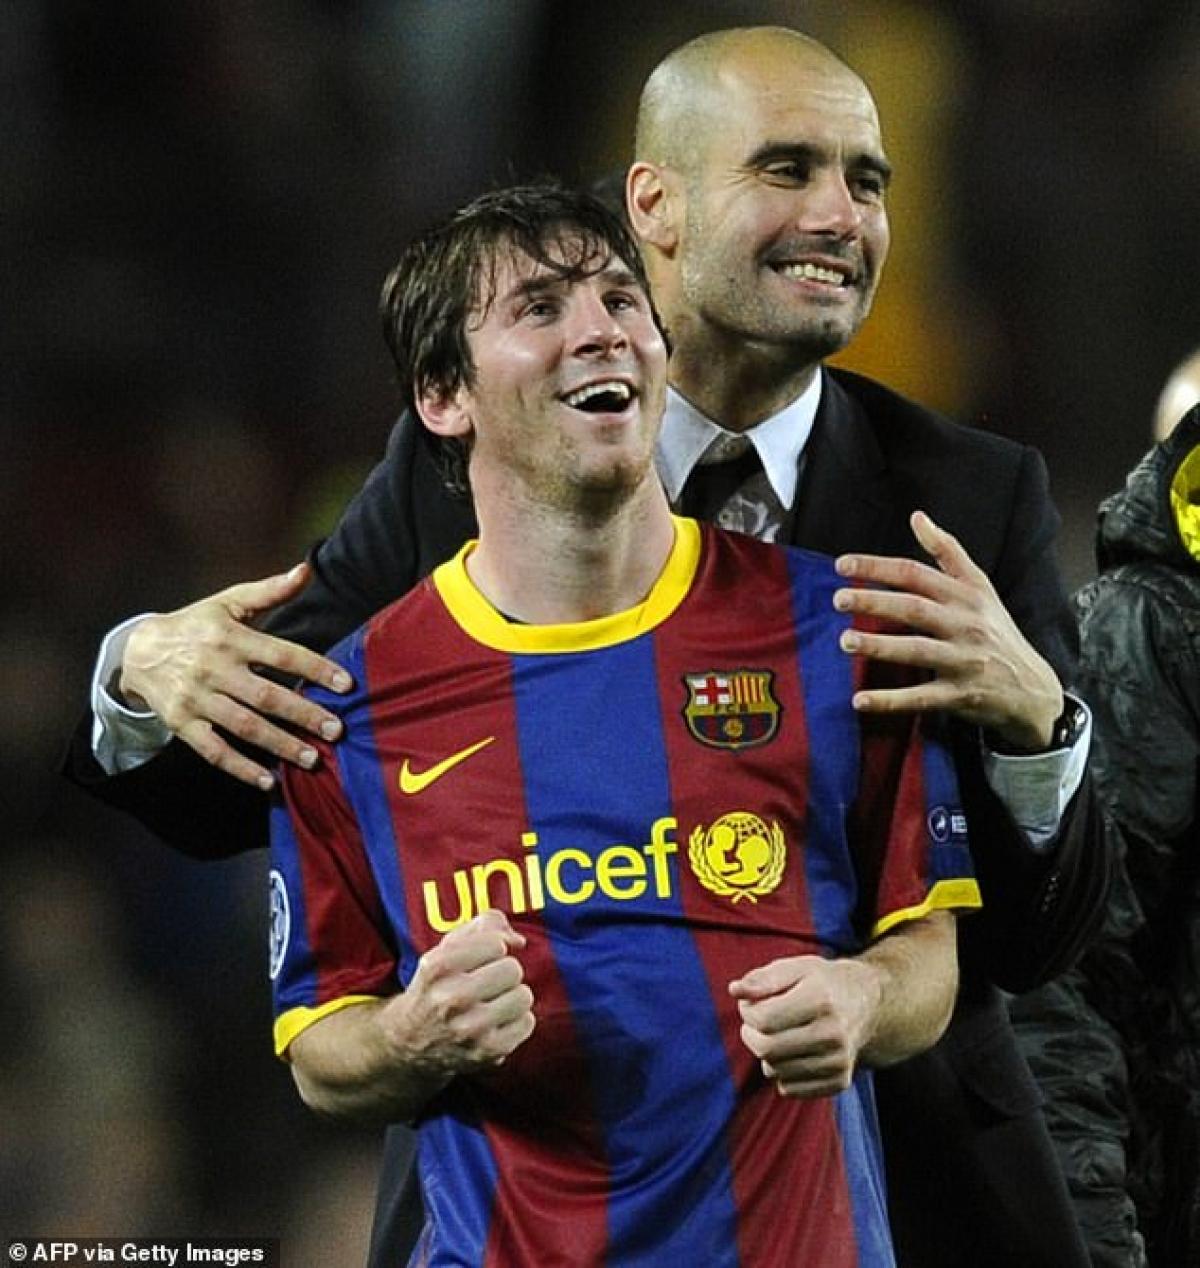 Man City với sự dẫn dắt của thầy cũ Messi là Guardiola đang dẫn đầu danh sách bến đỗ tiềm năng nhất cho M10 sau khi chia tay Barca. (Ảnh: Getty).